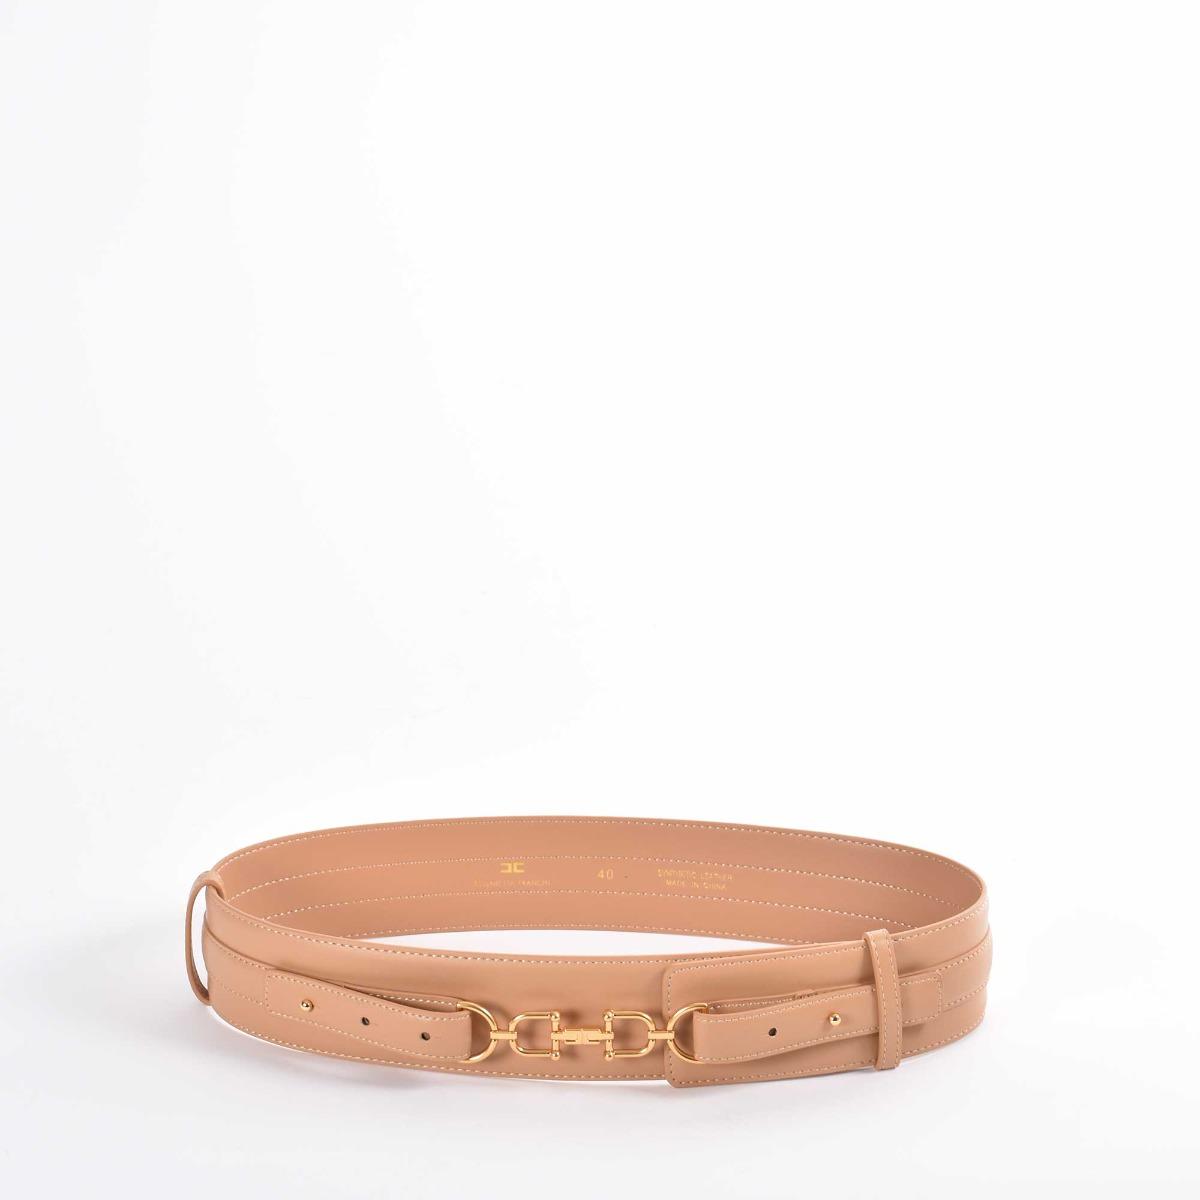 Cintura vita alta morsetto - Cammello